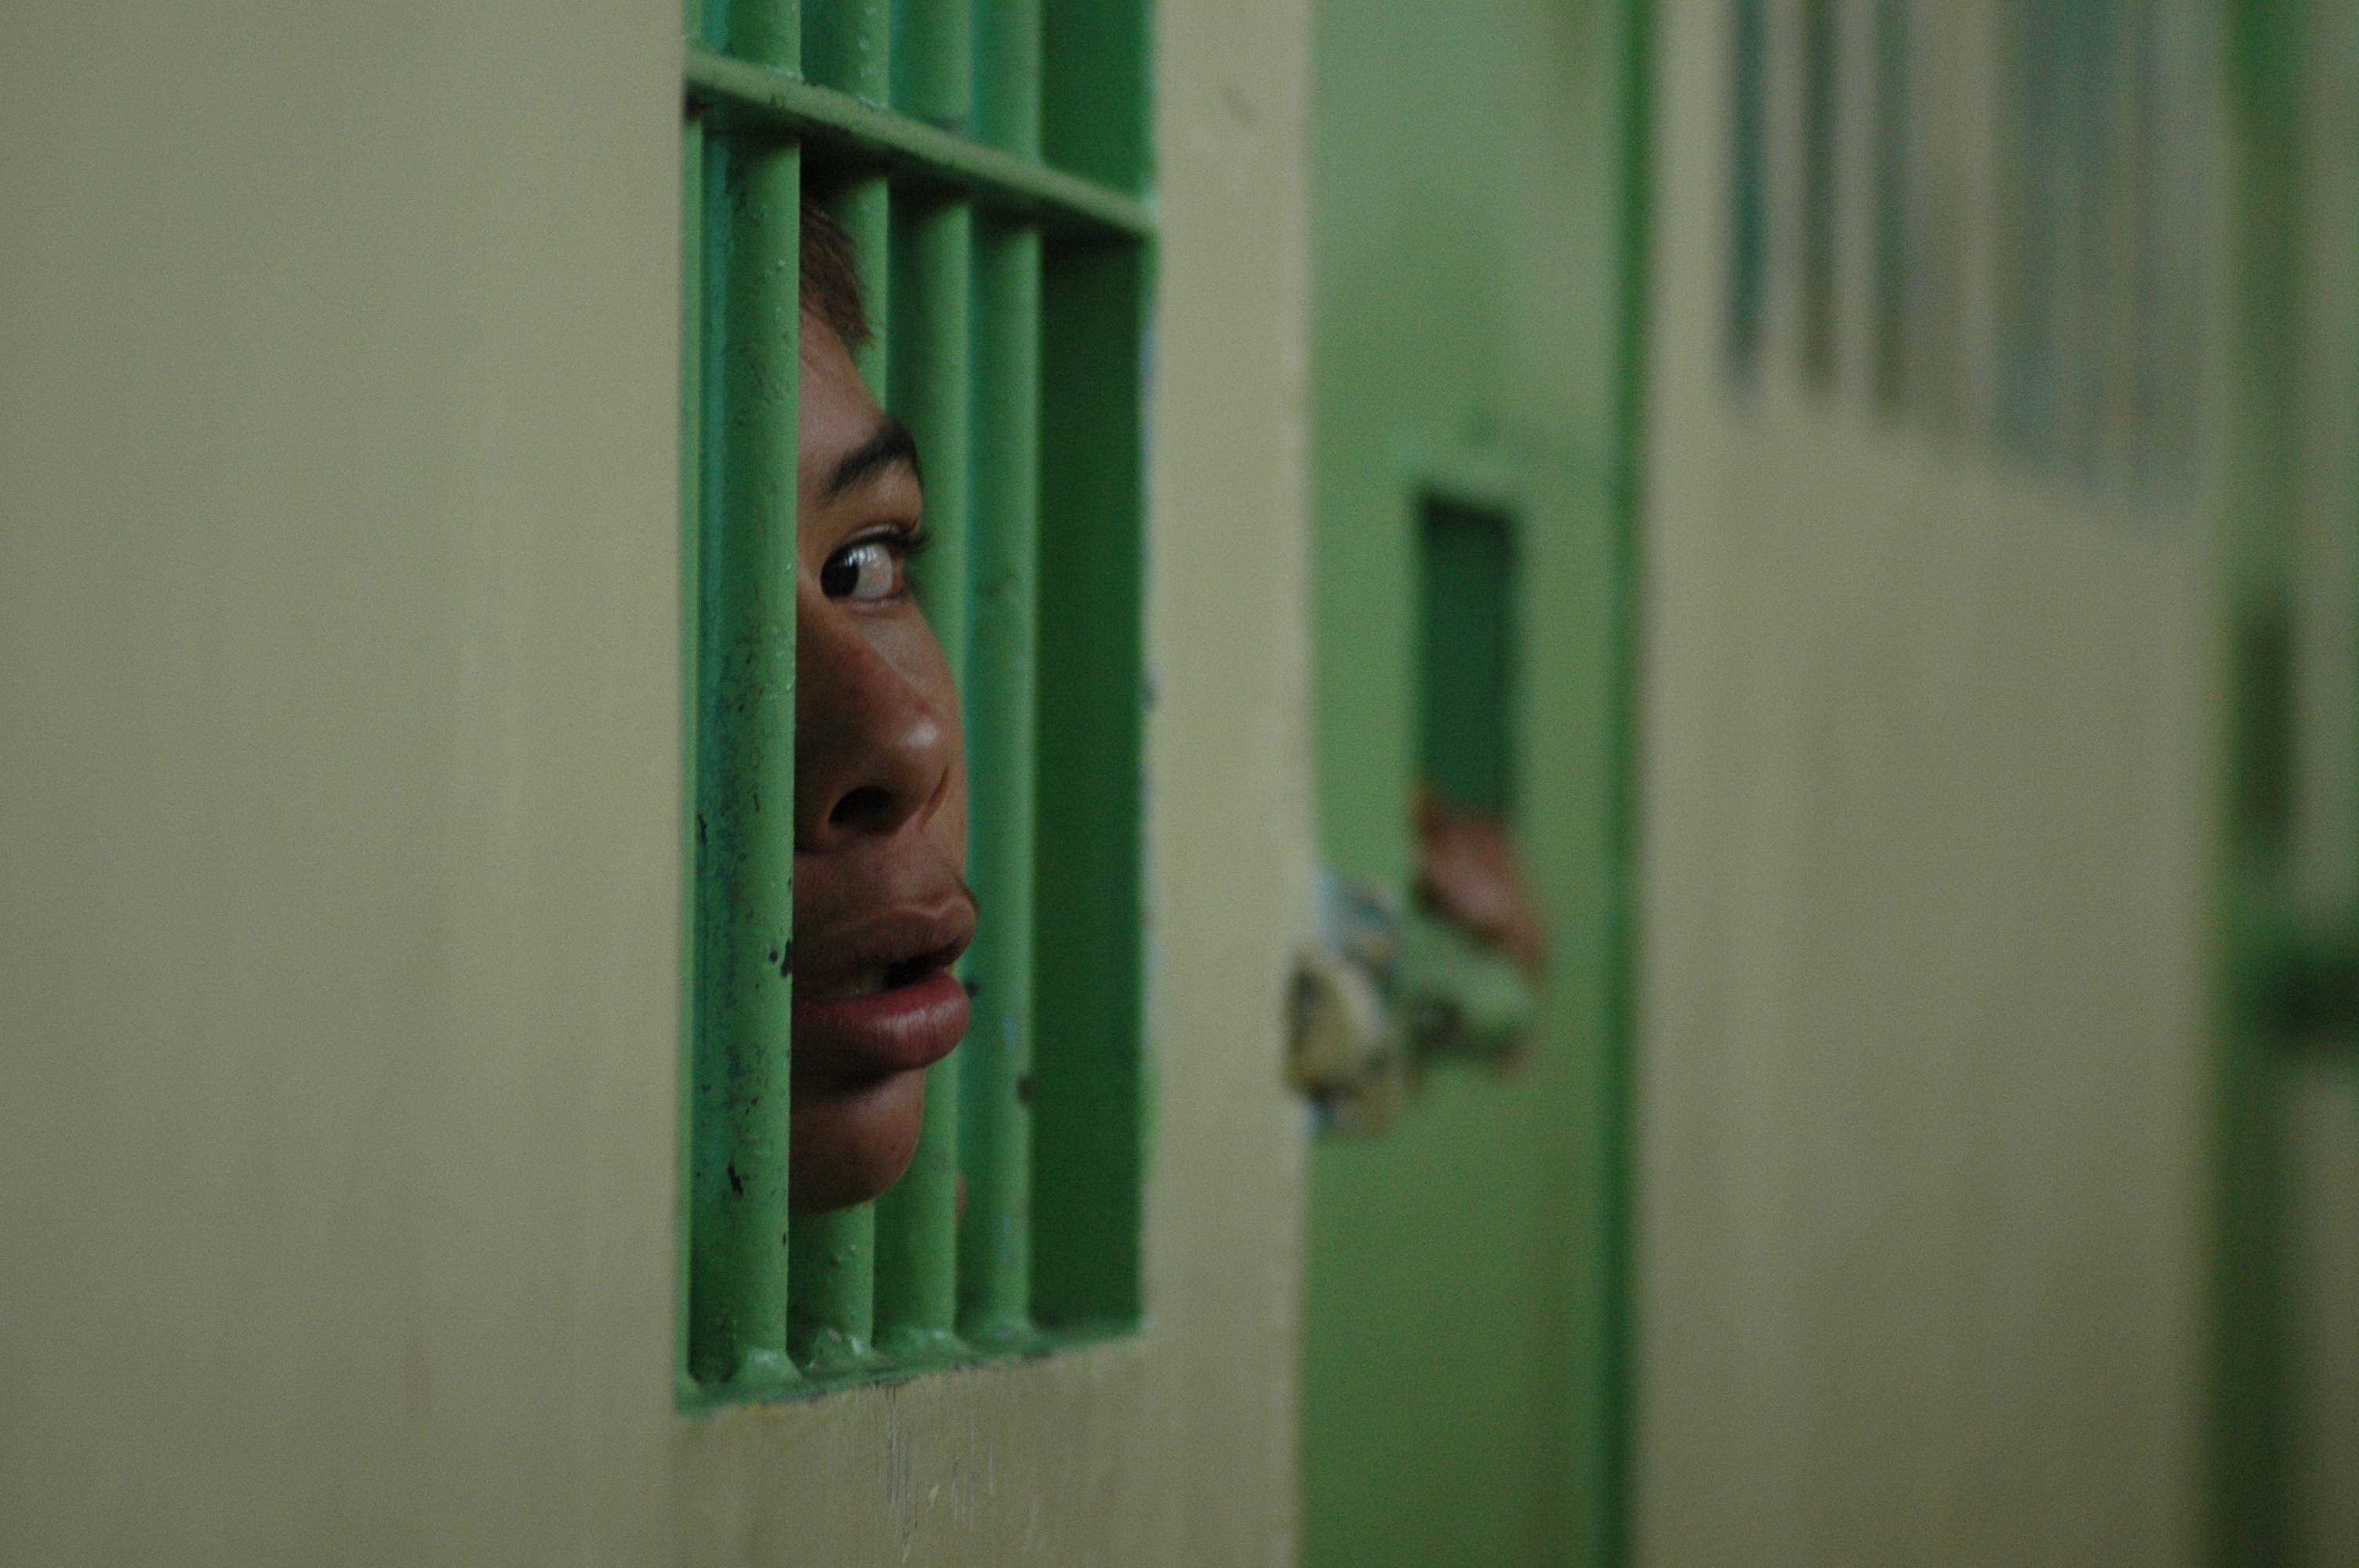 menor infrator criança cadeia preso prisão caje CAJE